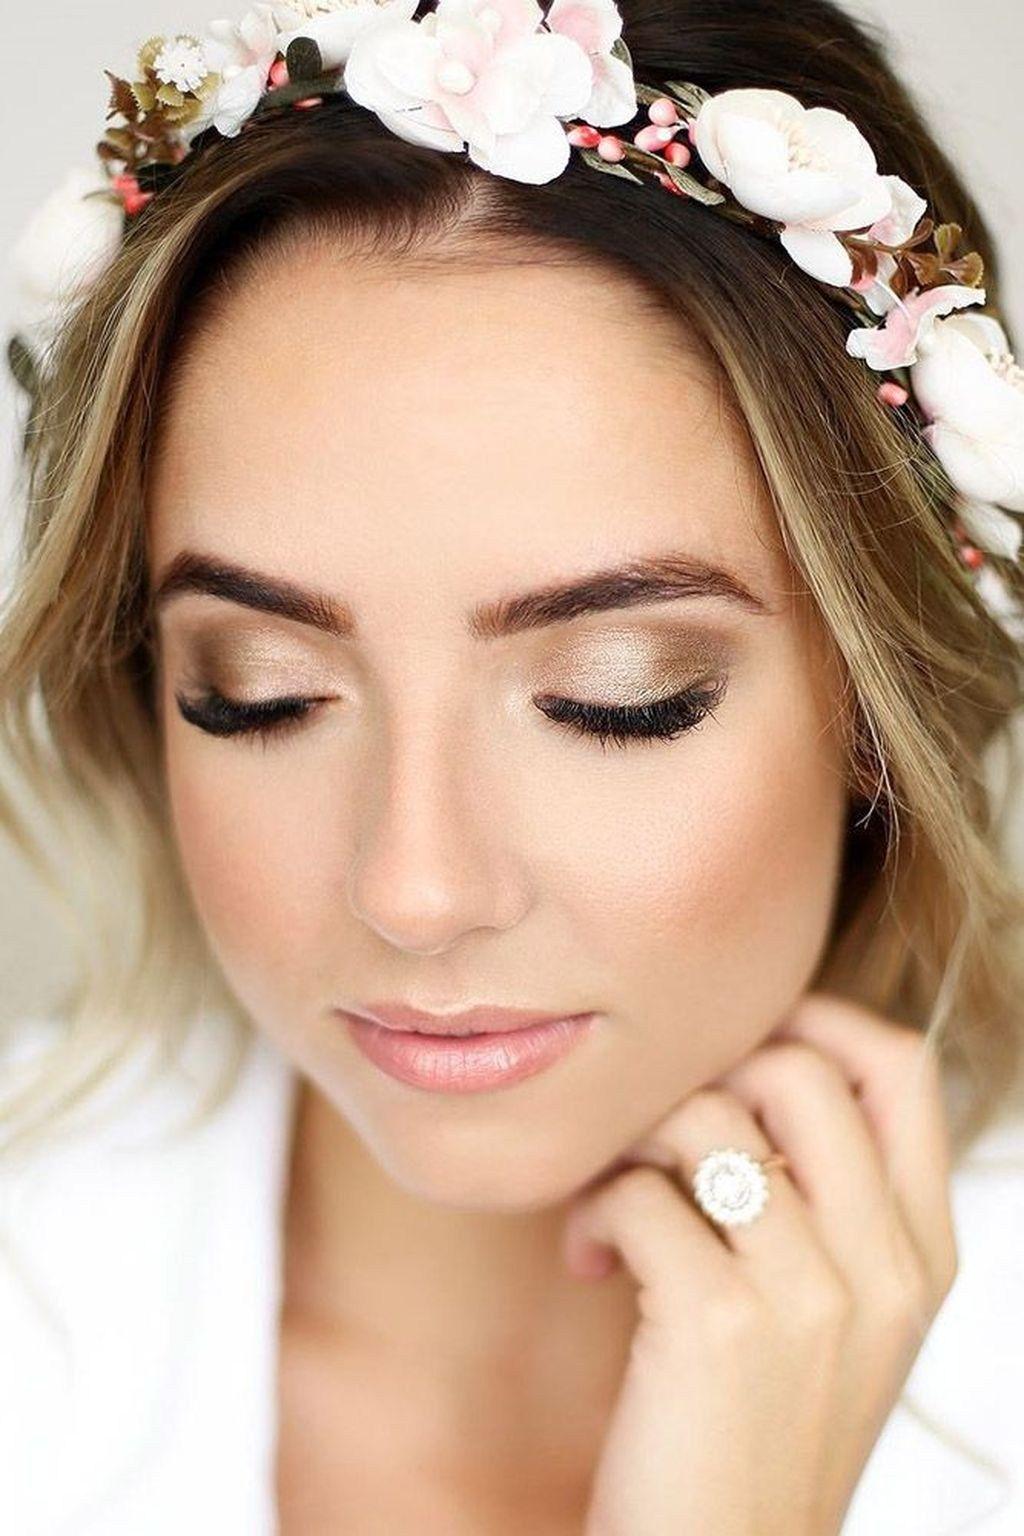 Natural Wedding Makeup Ideas To Makes You Look Beautiful 32 ...